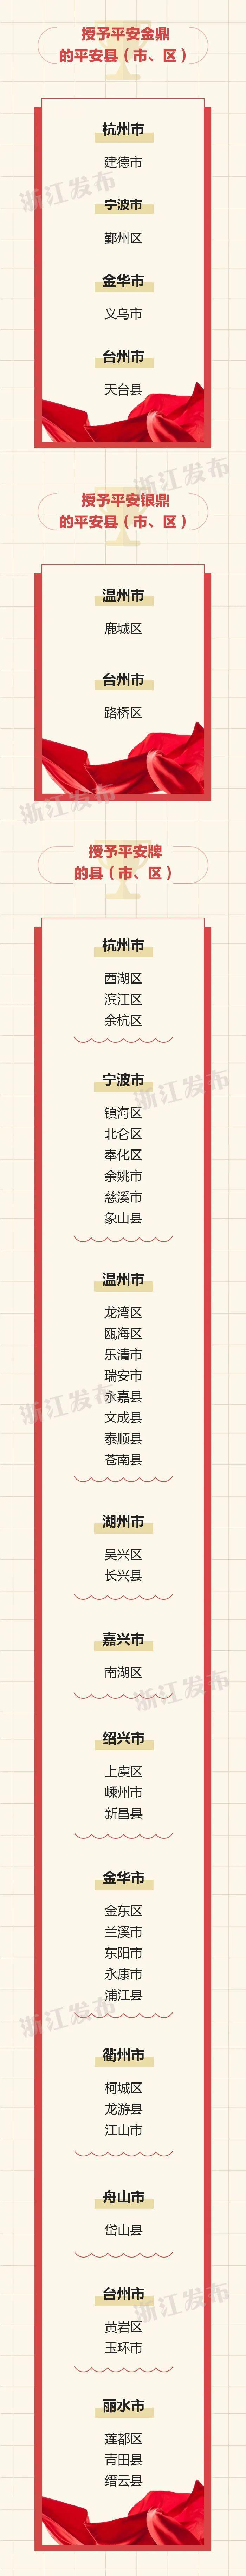 【浙江榜单】2019年度平安金鼎平安牌平安市|平安县(市、区)名单图3